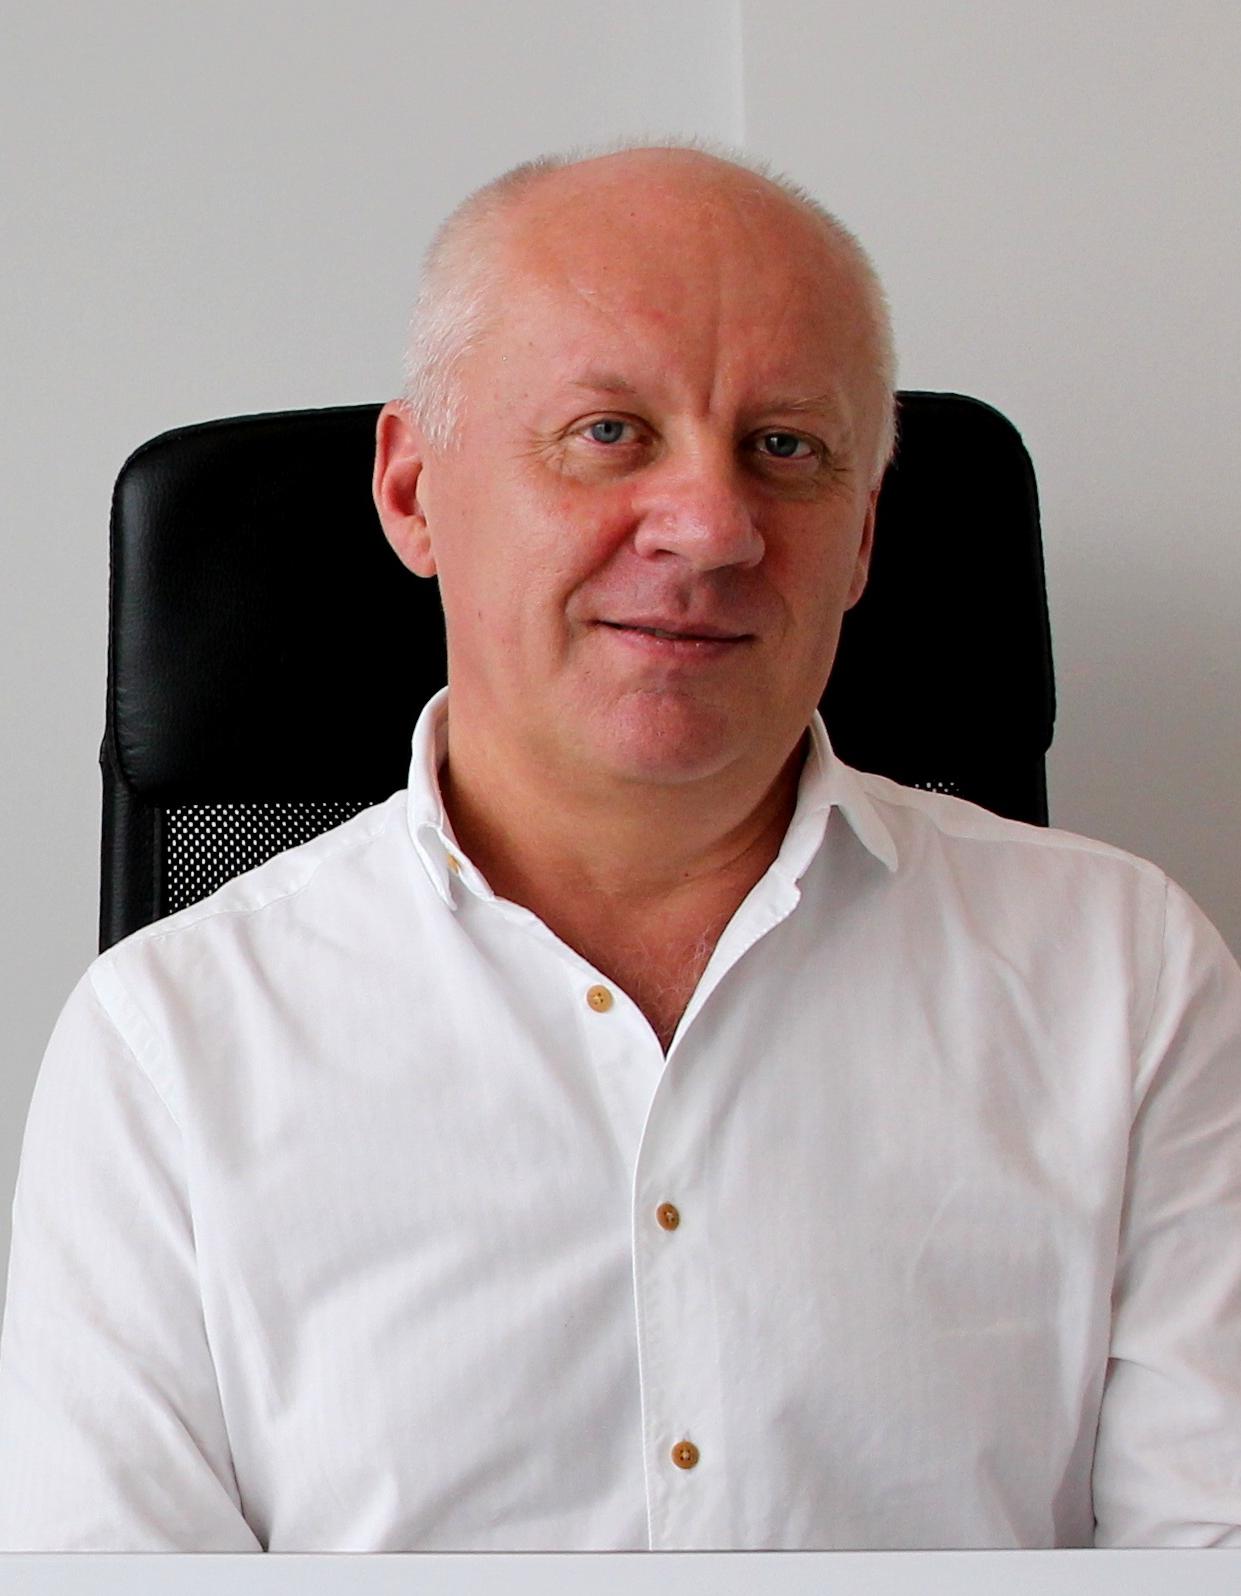 Mariusz Sadowski